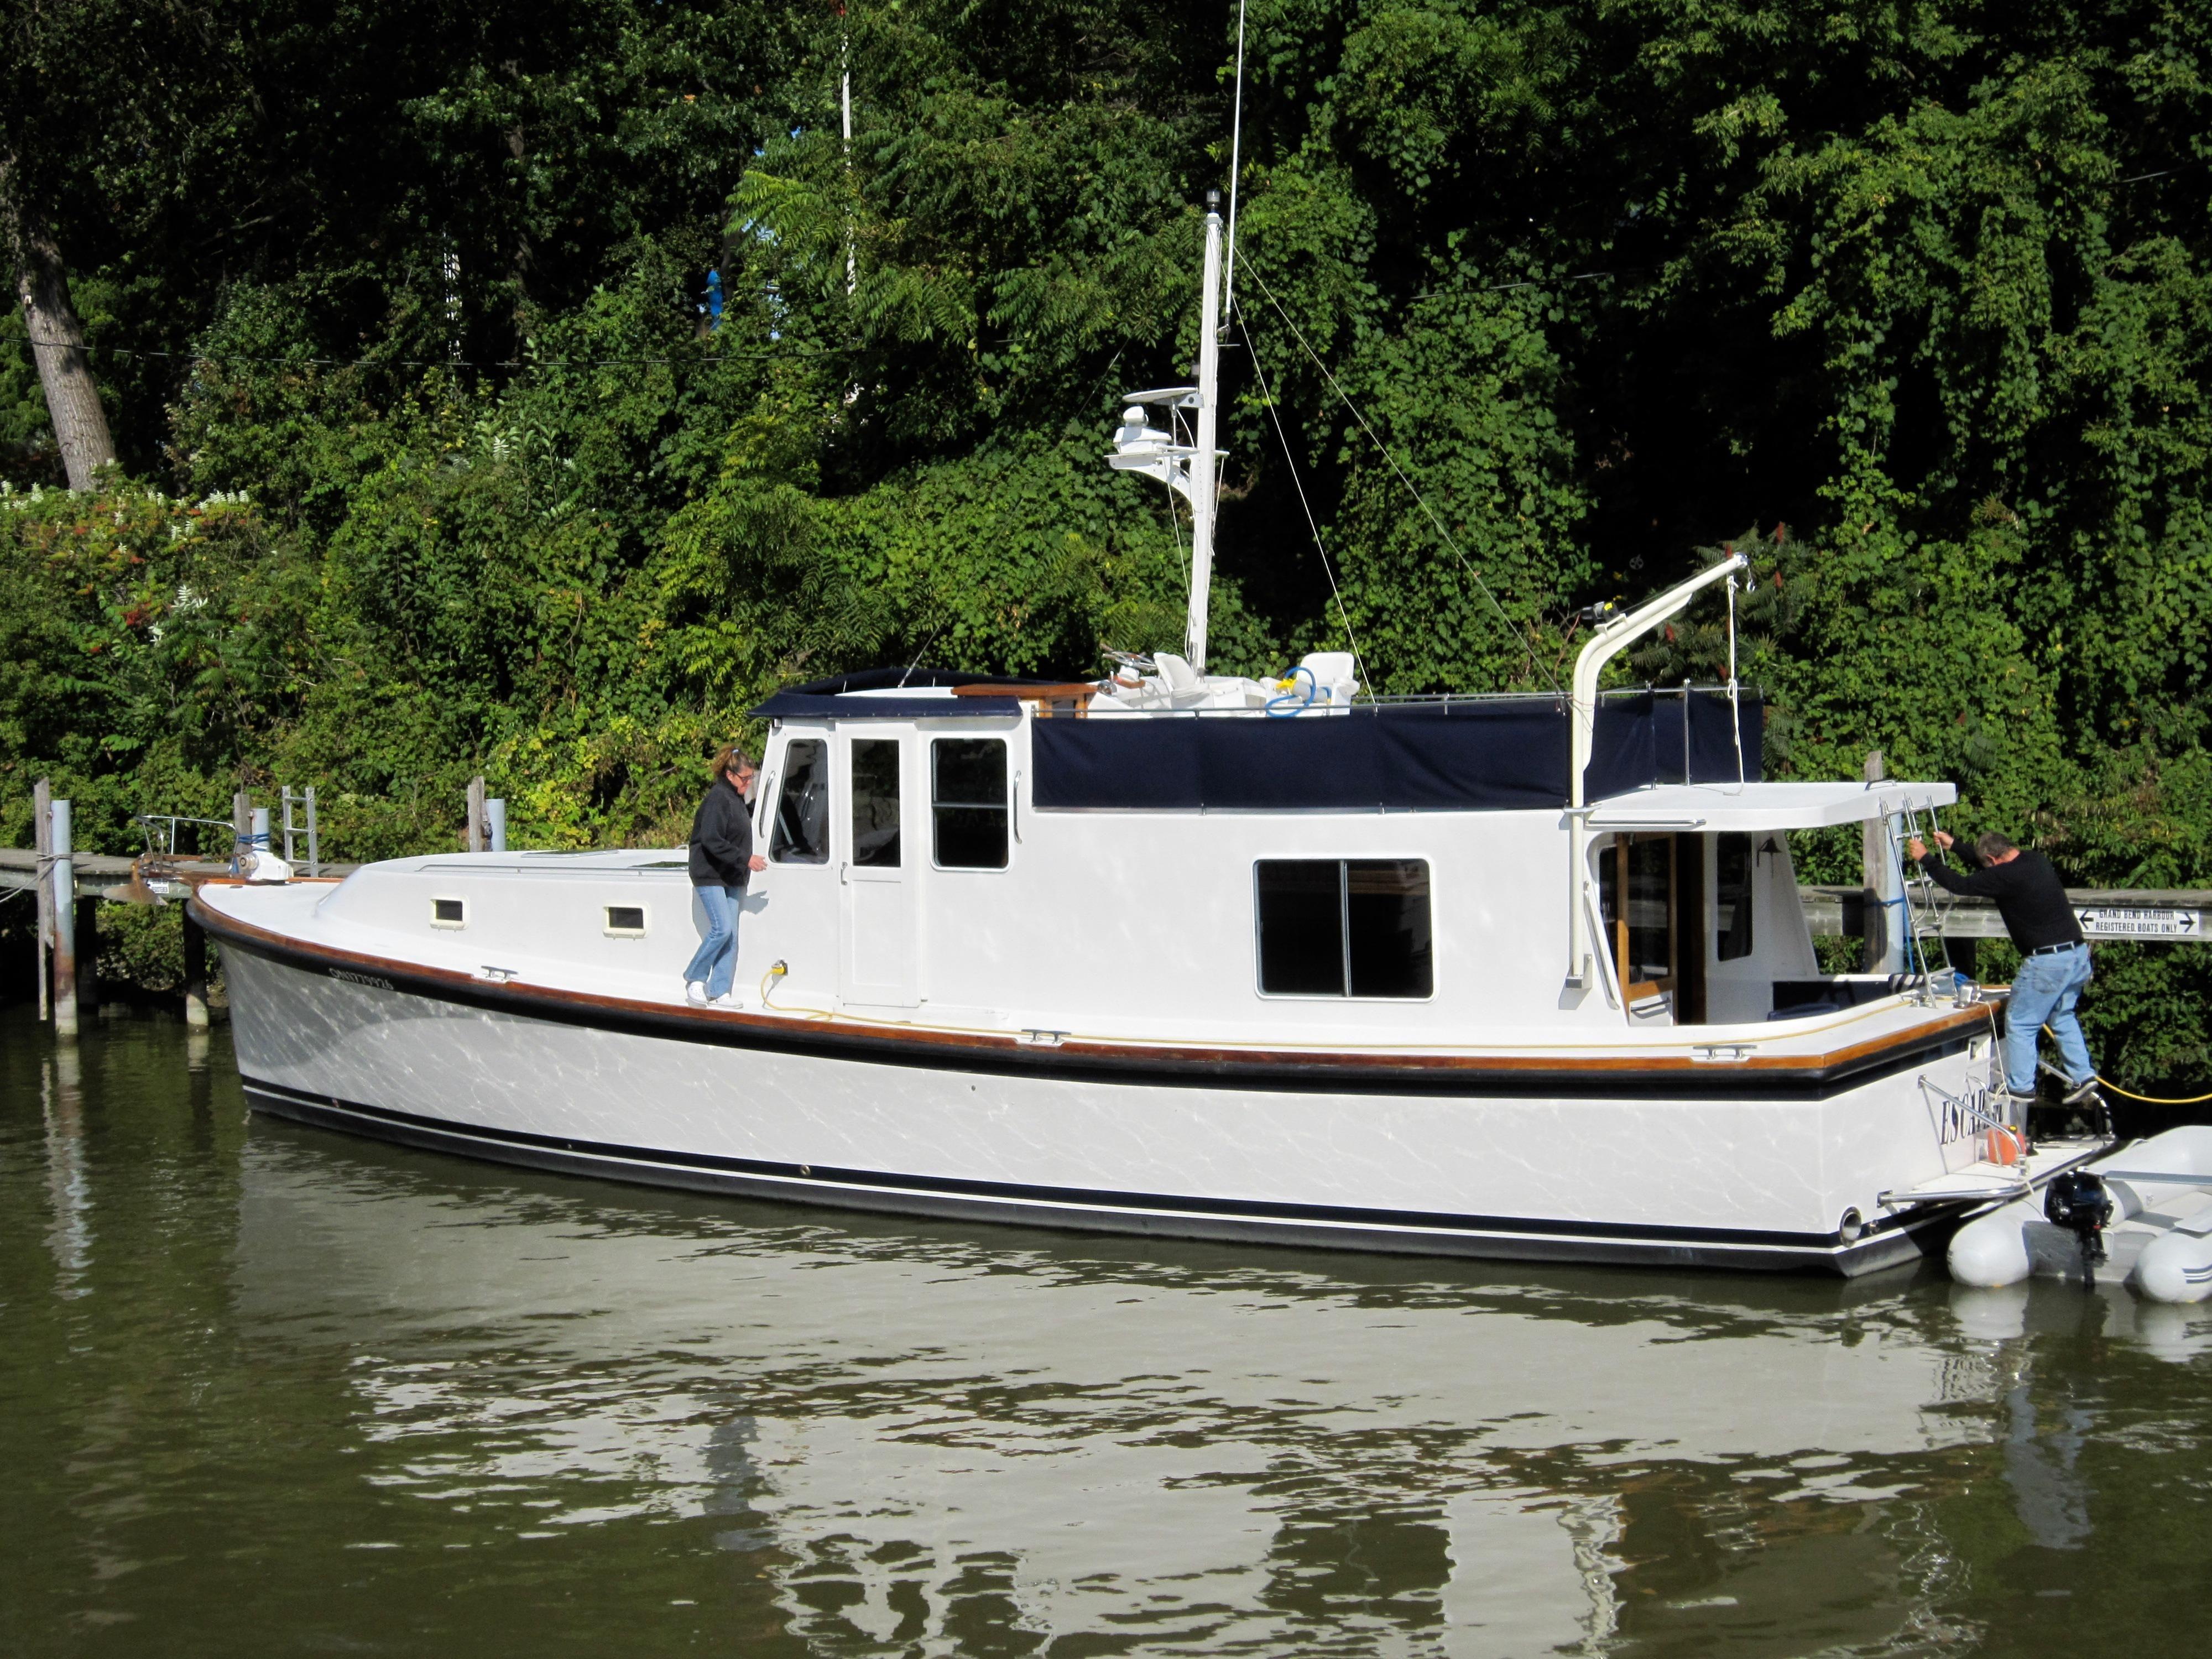 1977 uniflite 50 ft custom motor yacht power boat for sale for 50 ft motor yachts for sale